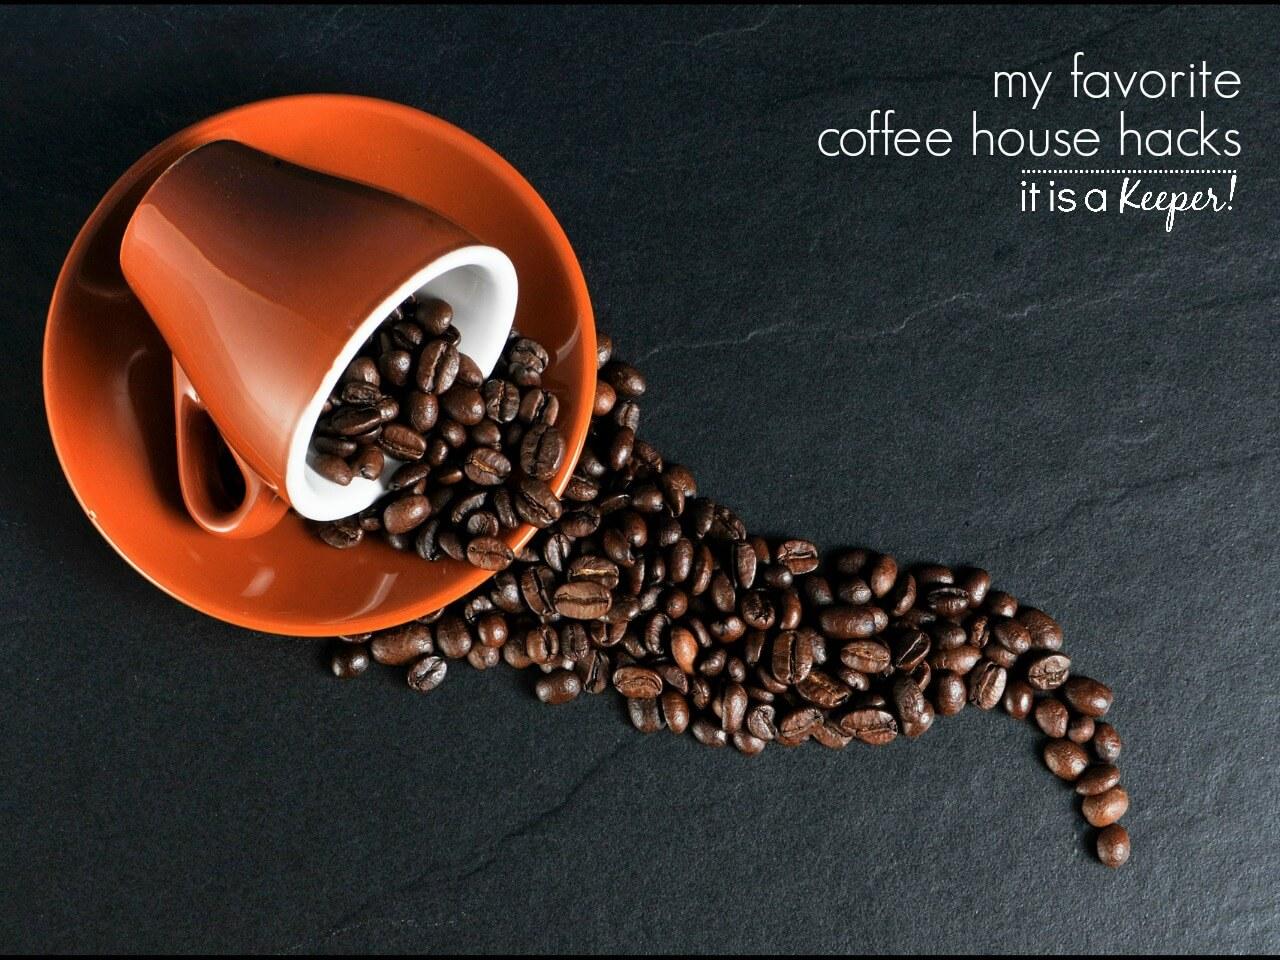 My favorite coffee house hacks